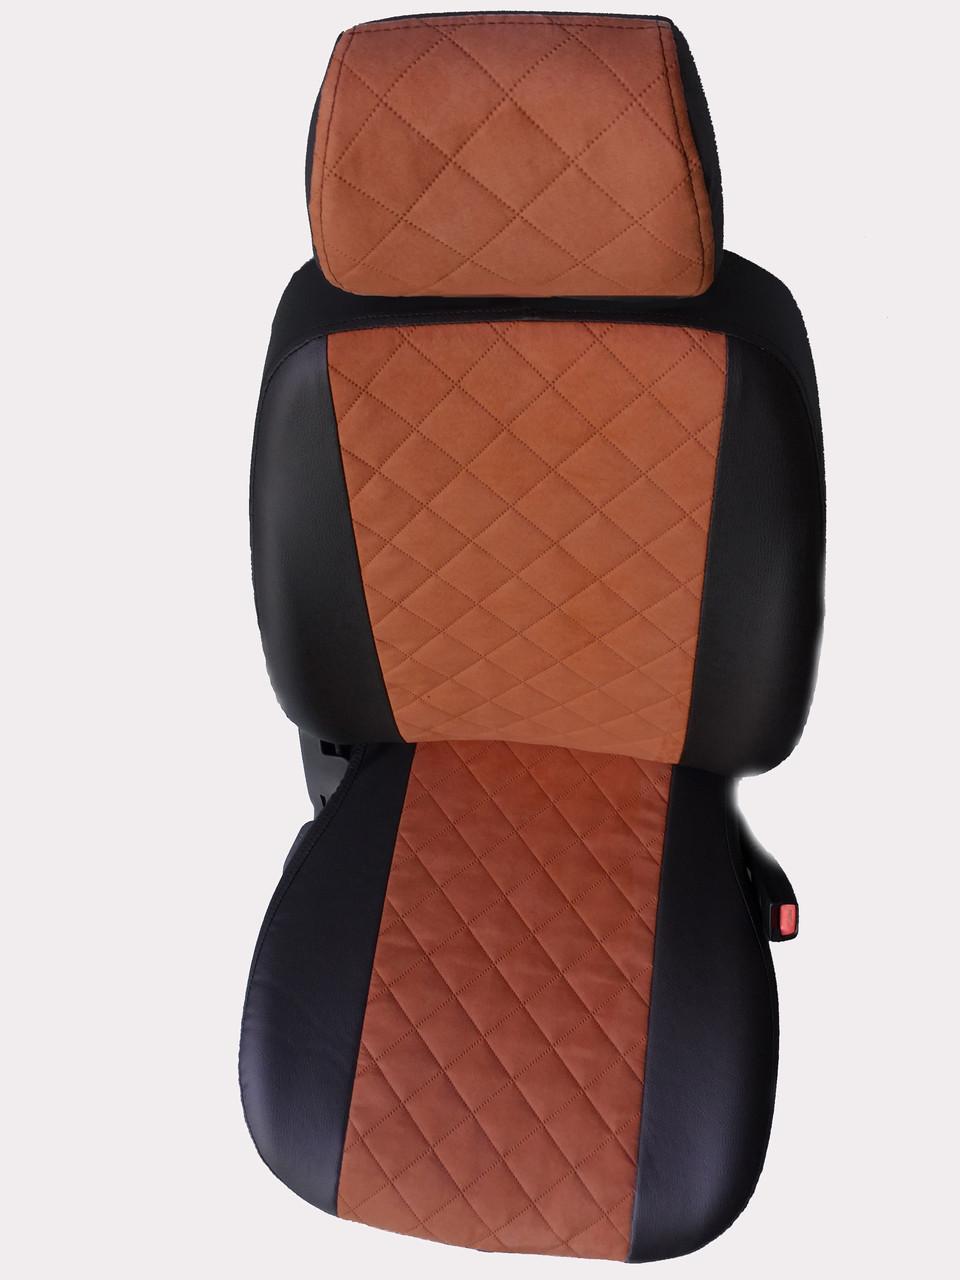 Чехлы на сиденья Митсубиси Галант (Mitsubishi Galant) (универсальные, экокожа+Алькантара, с отдельным